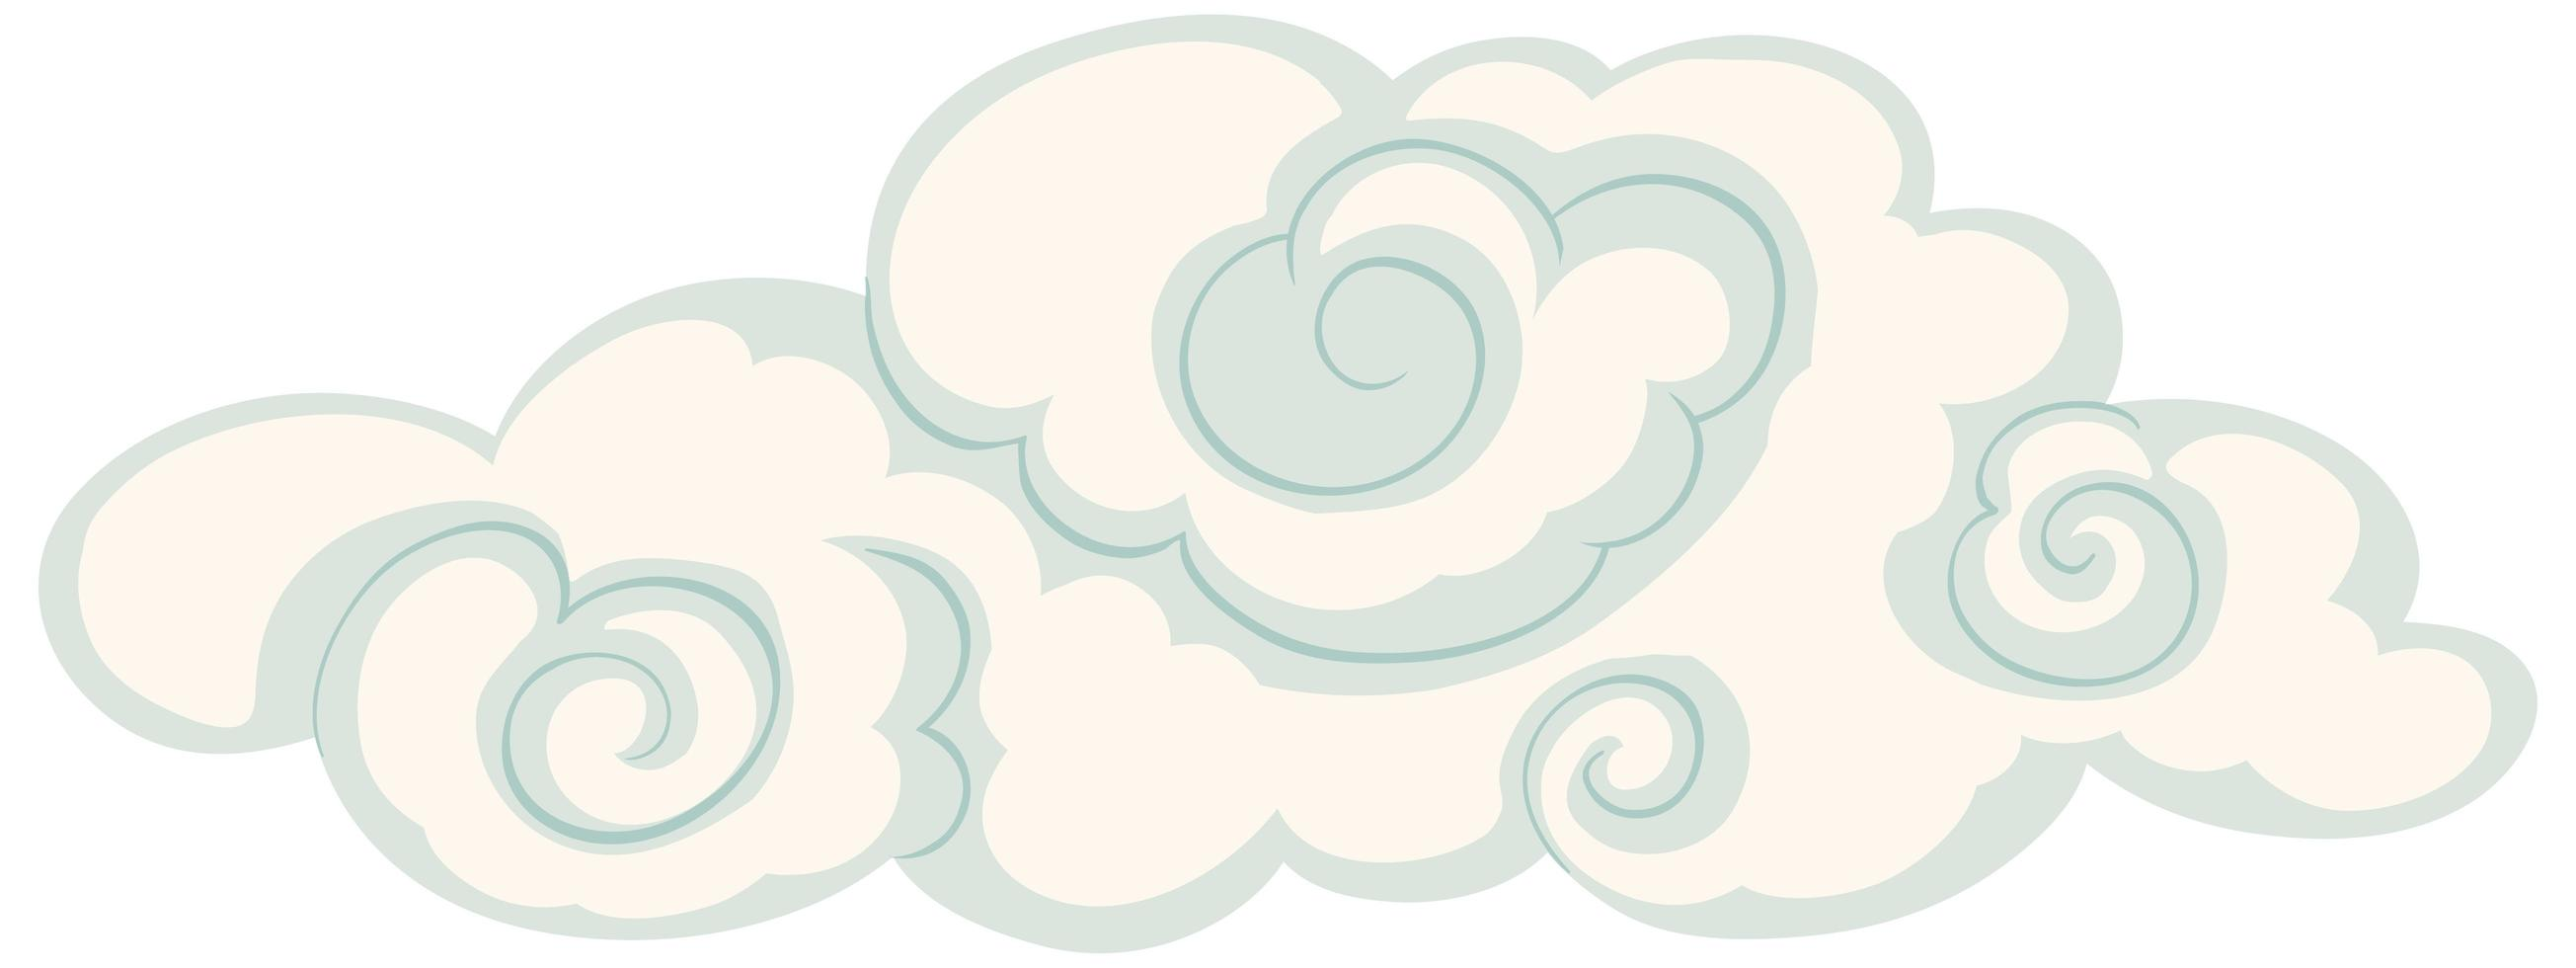 nuage isolé dans un style chinois vecteur